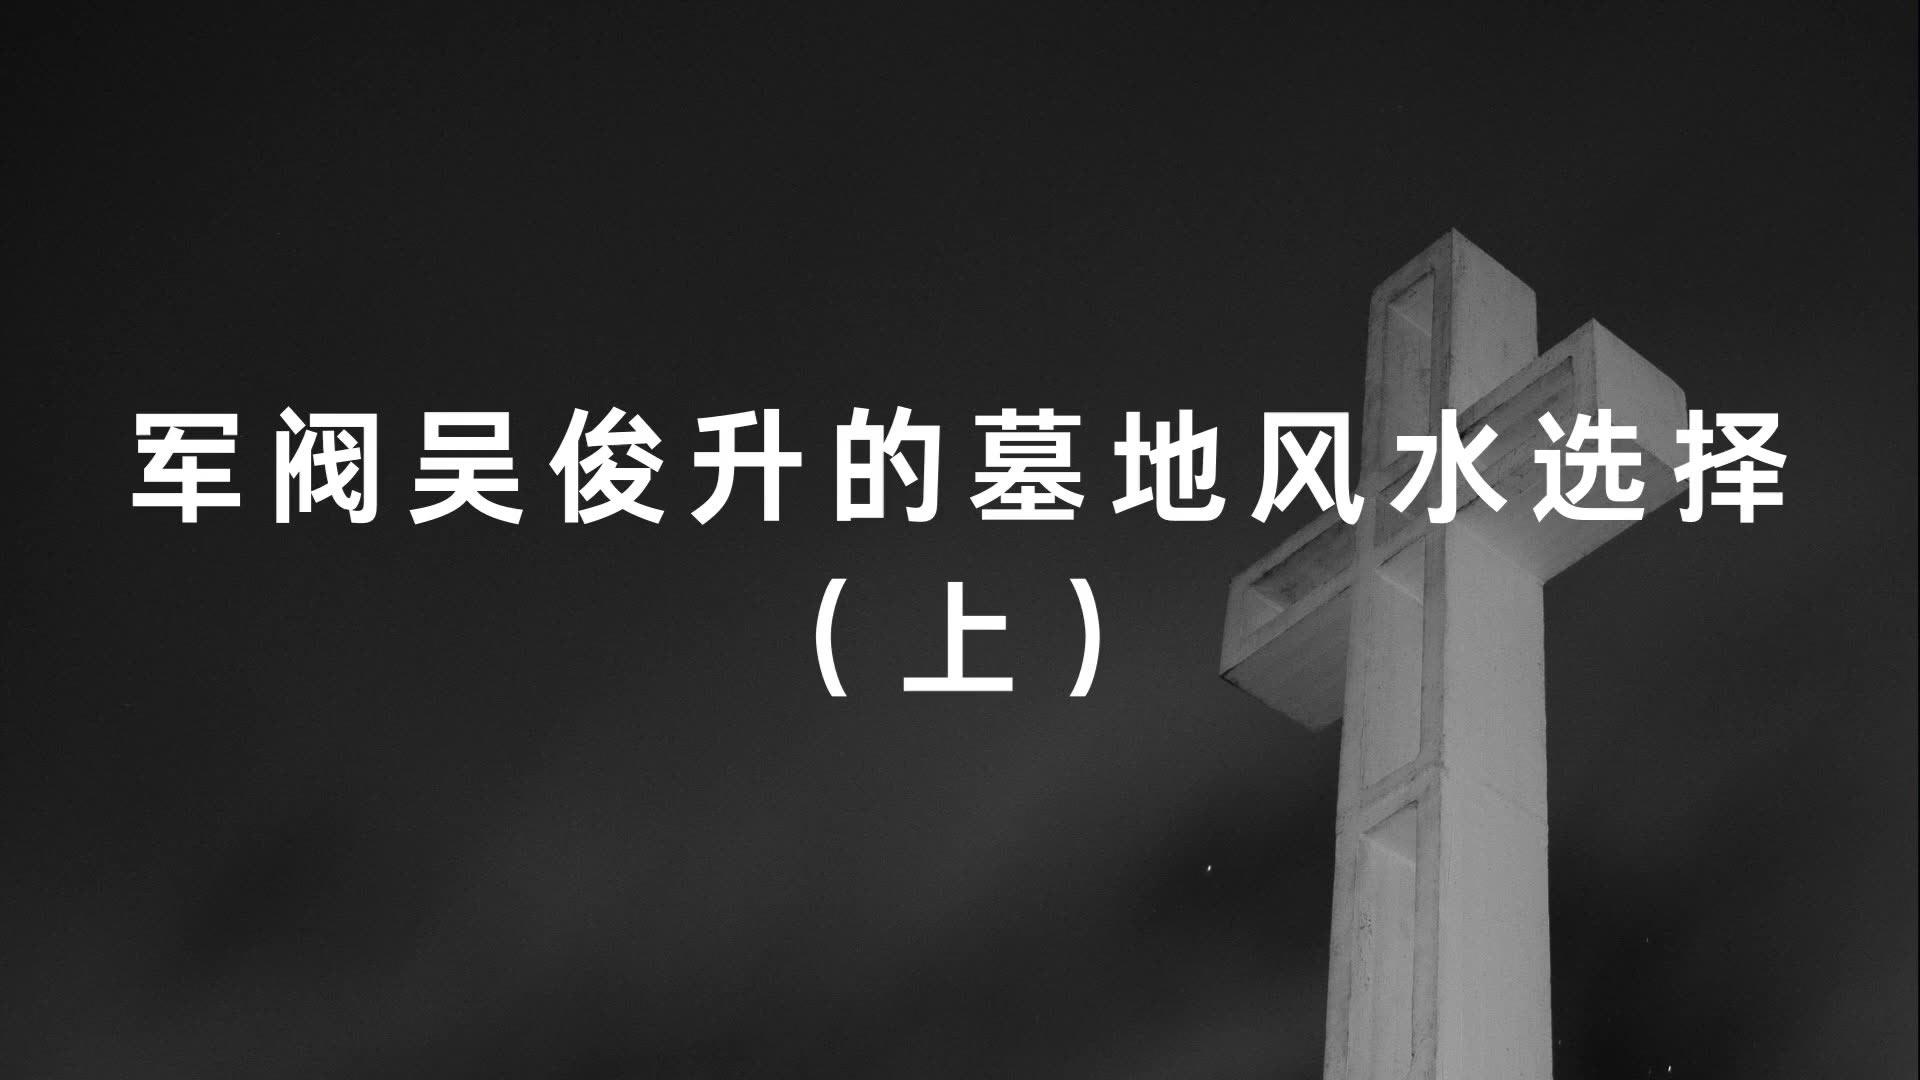 军阀吴俊升的墓地风水选择(上)